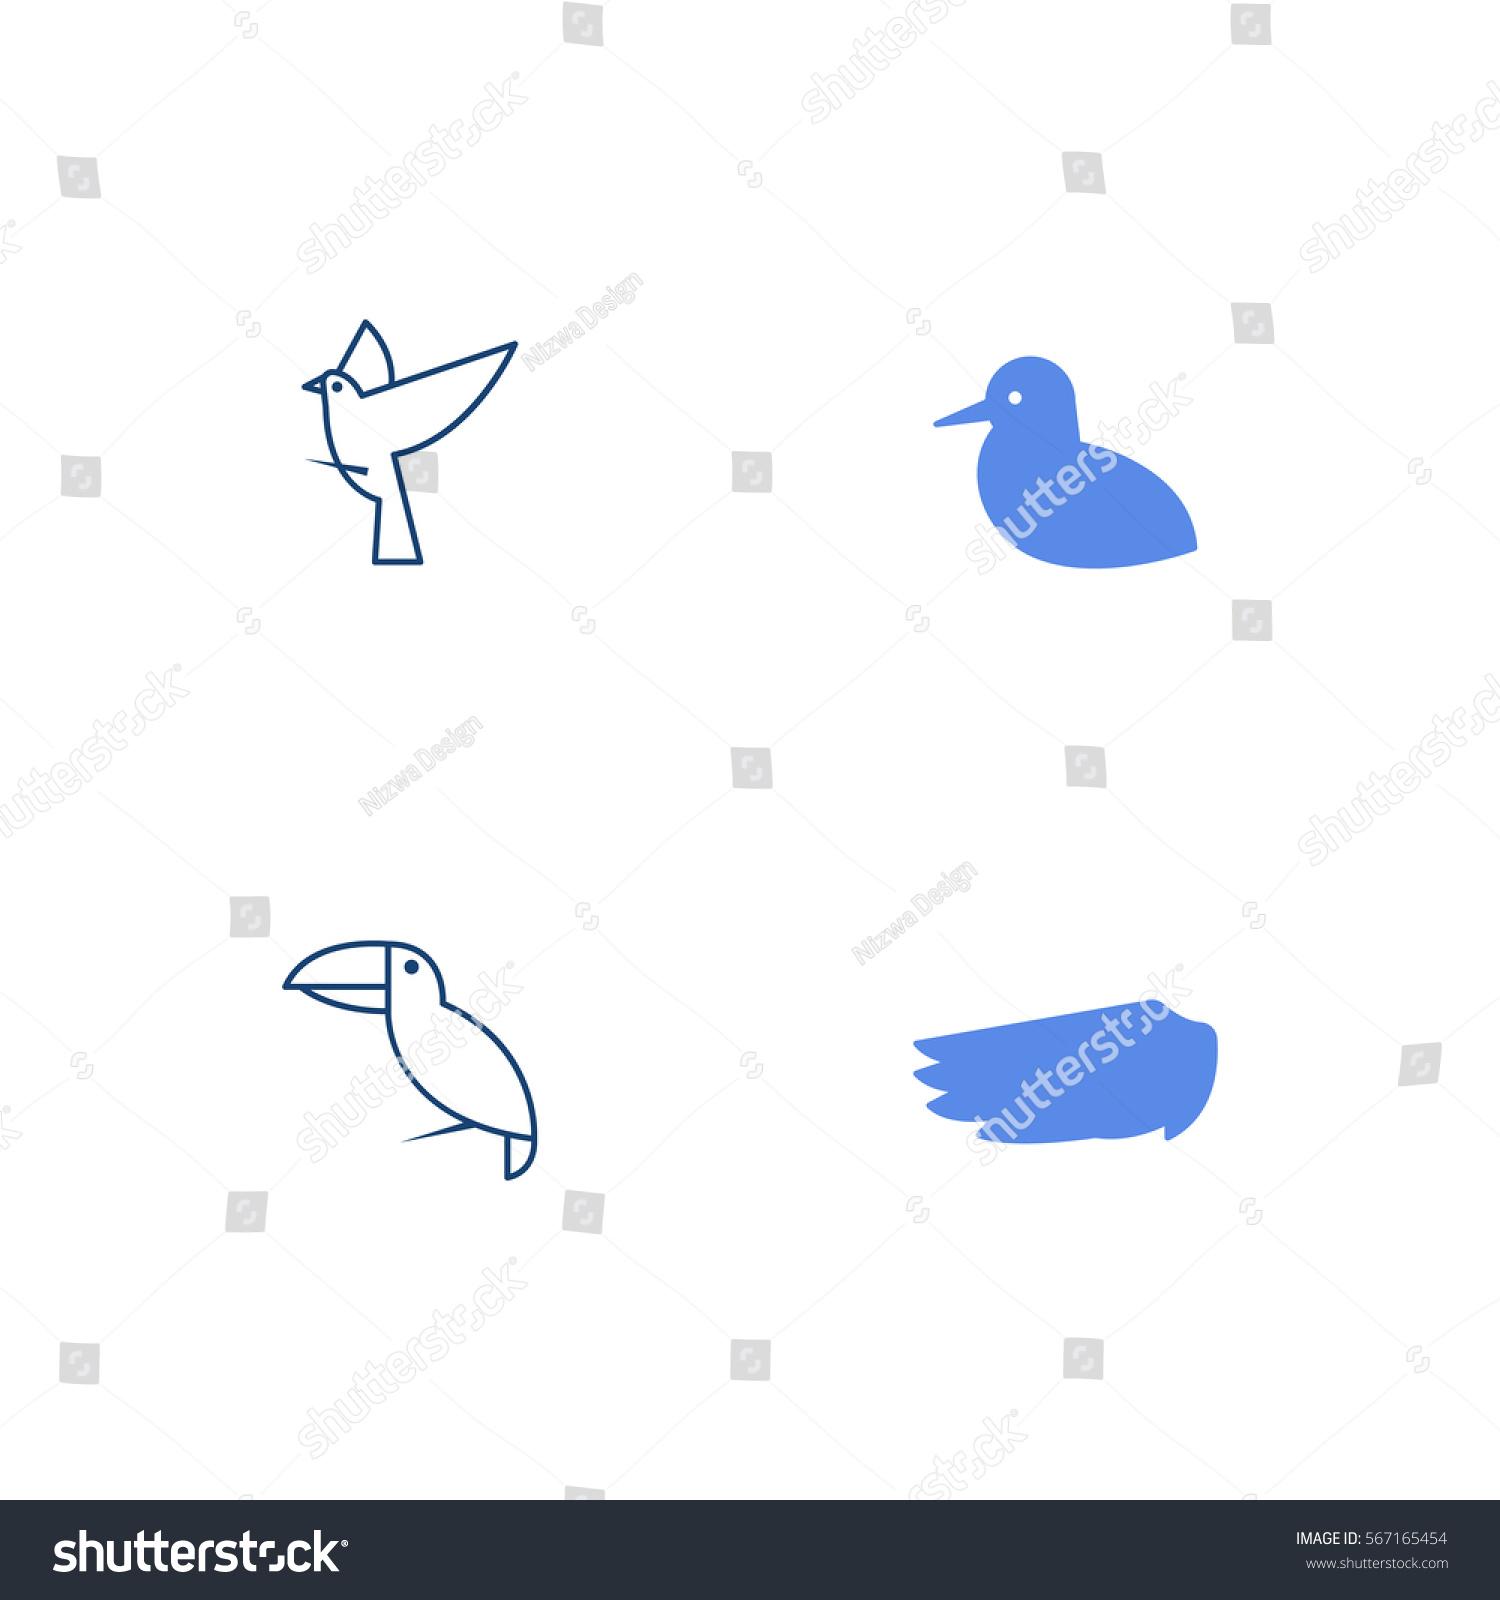 Bird Silhouette Line Art Icon Logo Stock Vector 567165454